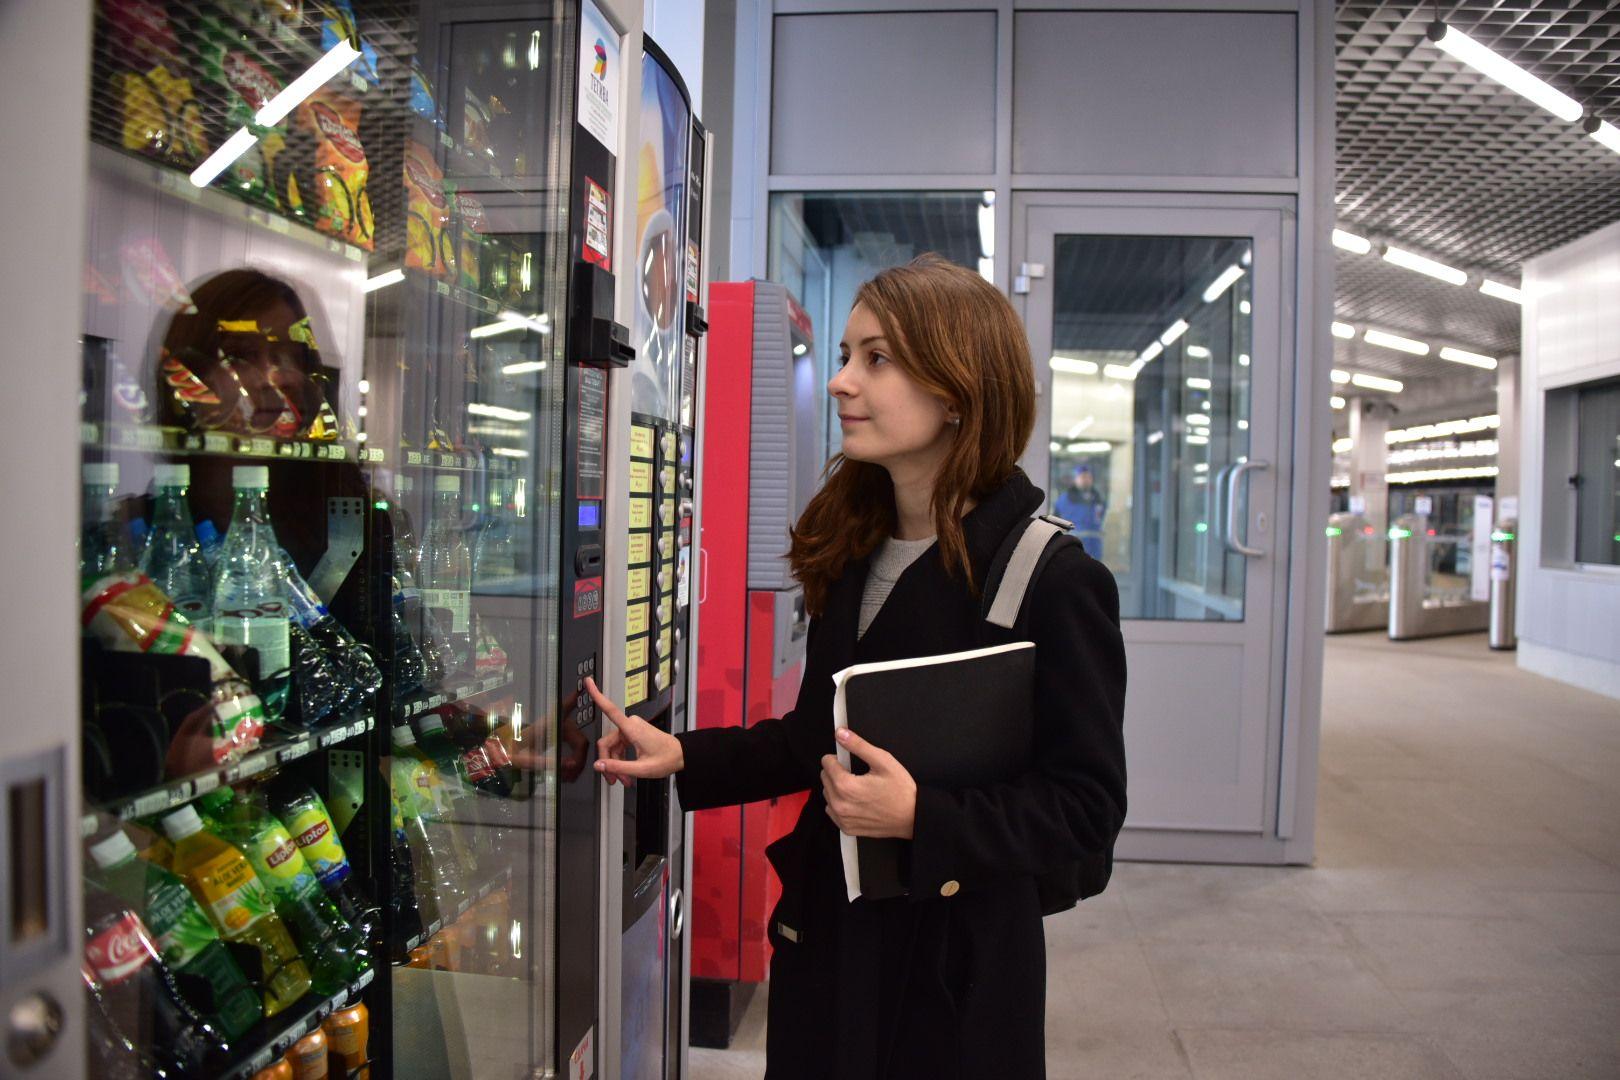 Более 90 тысяч литров горячих напитков приобрели пассажиры метро зимой